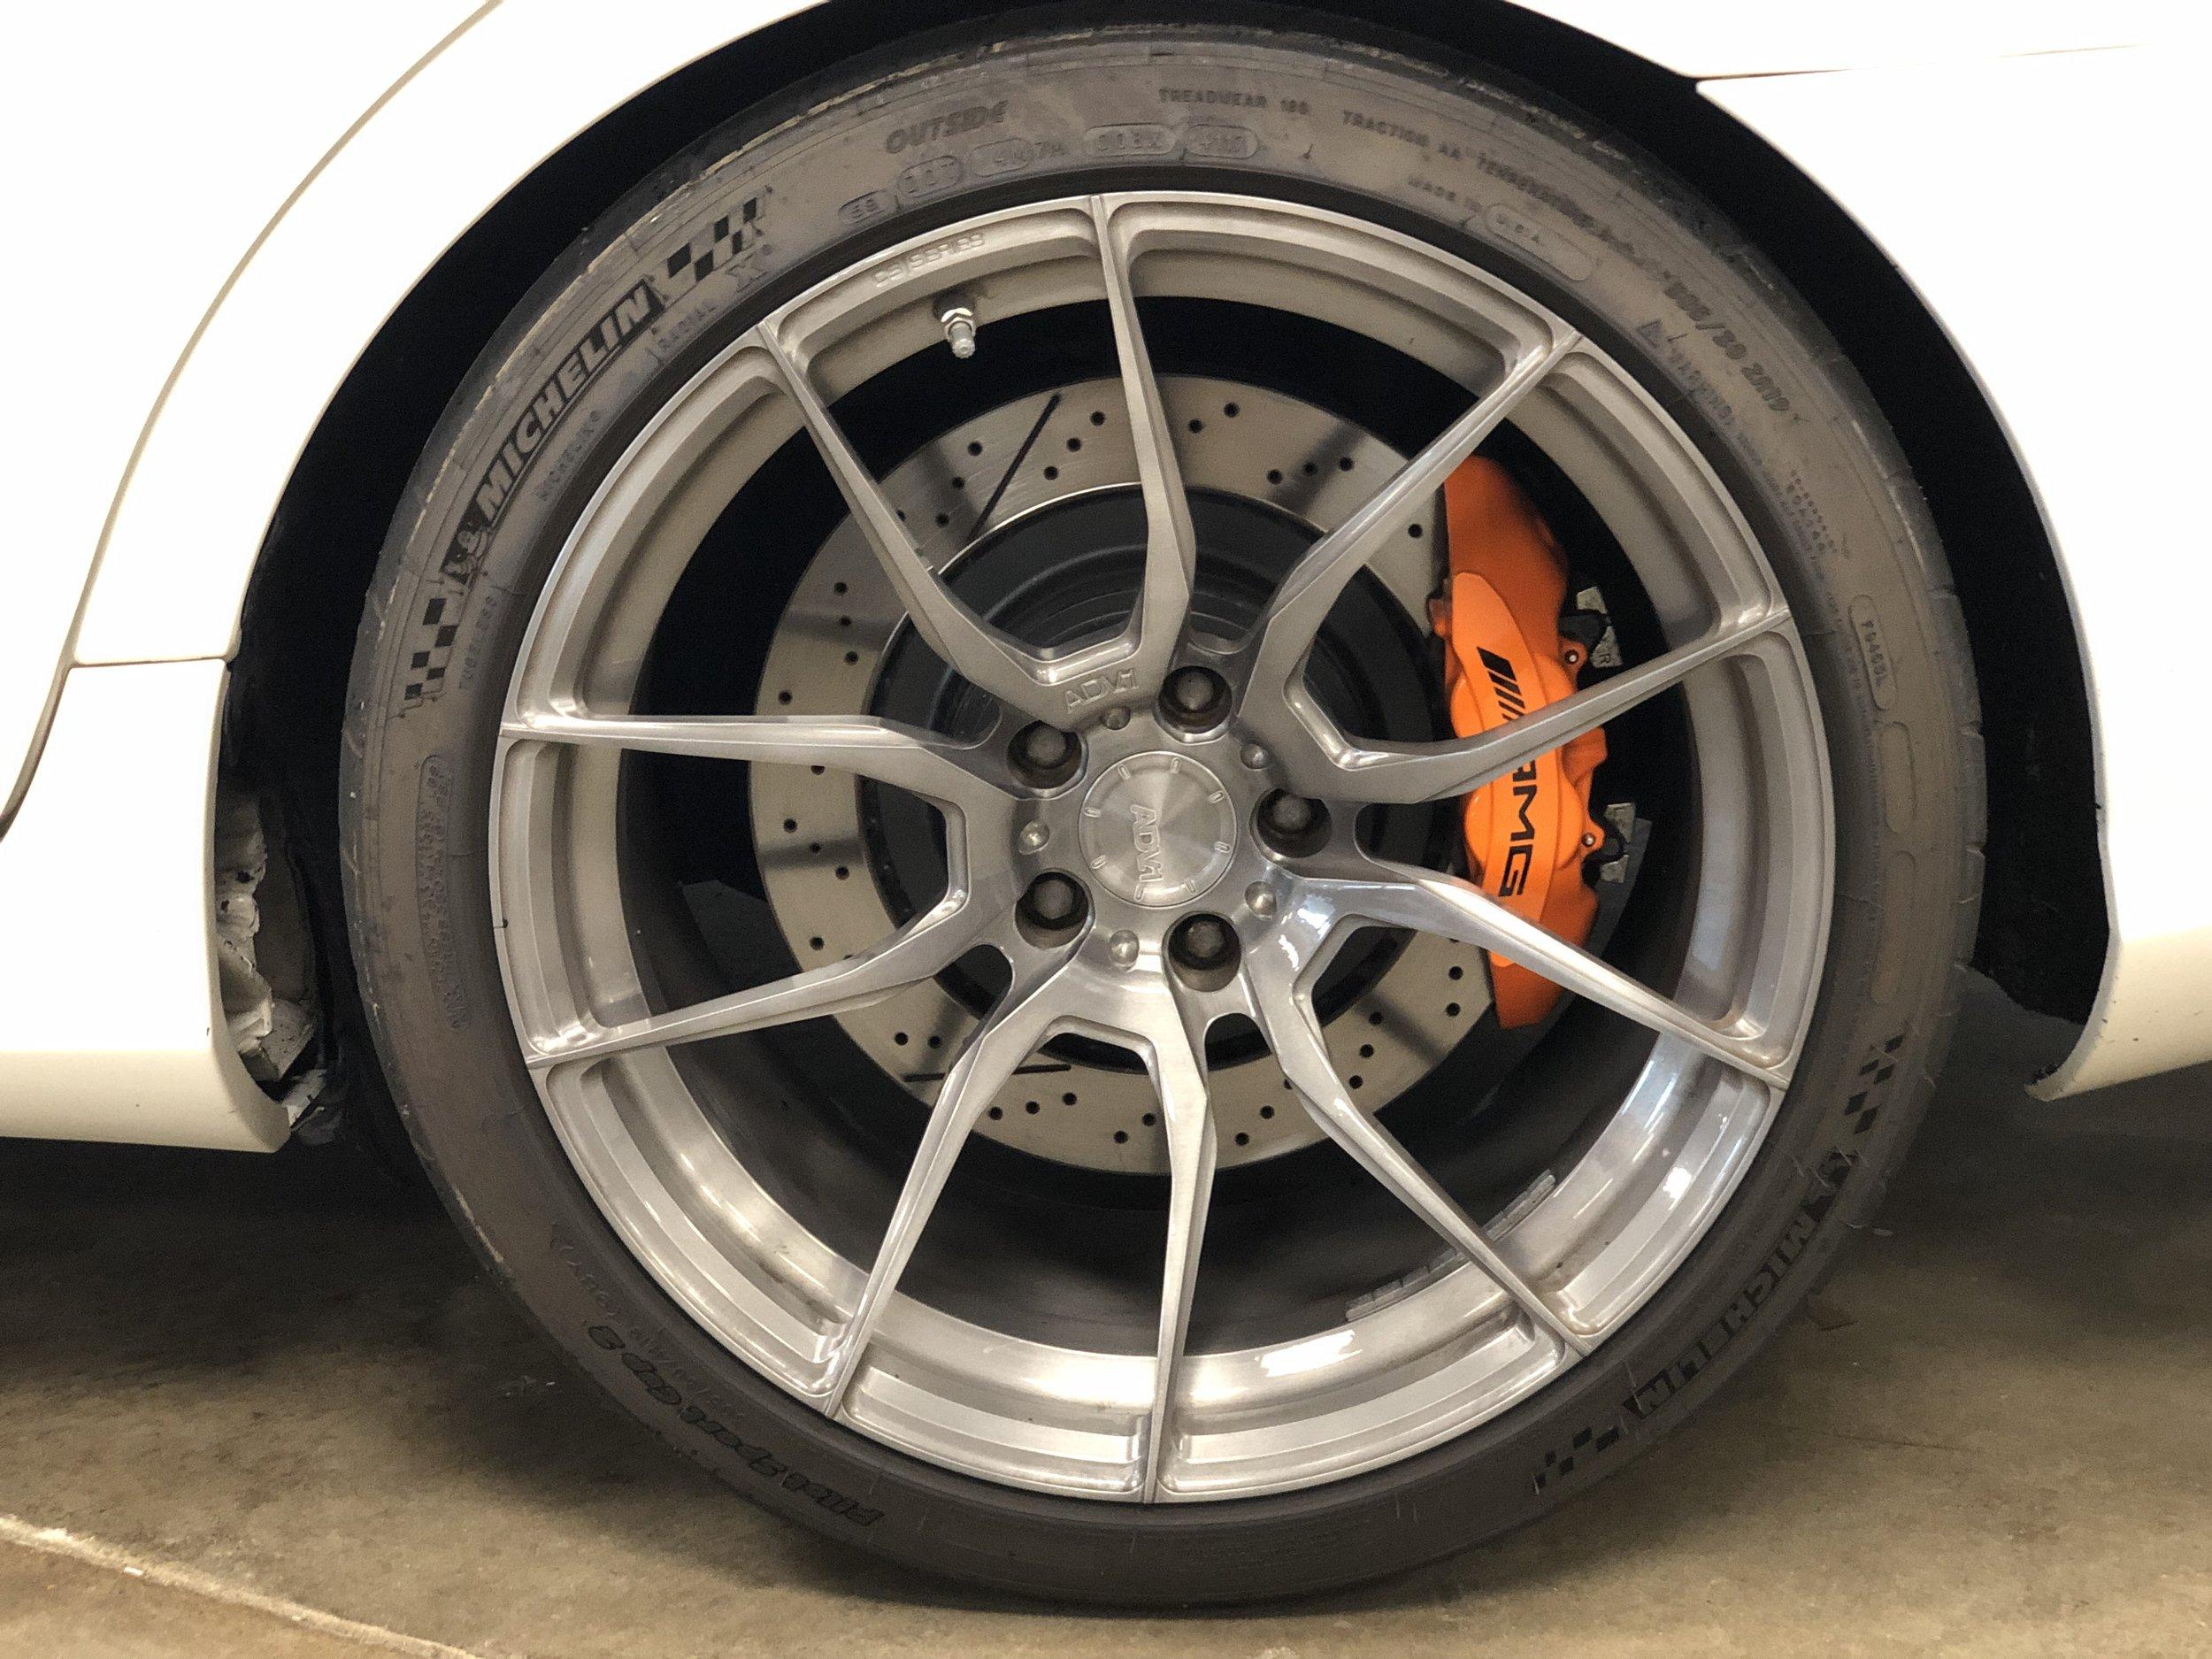 2012 Mercedes-Benz CLS 63 RENNTECH Wheel